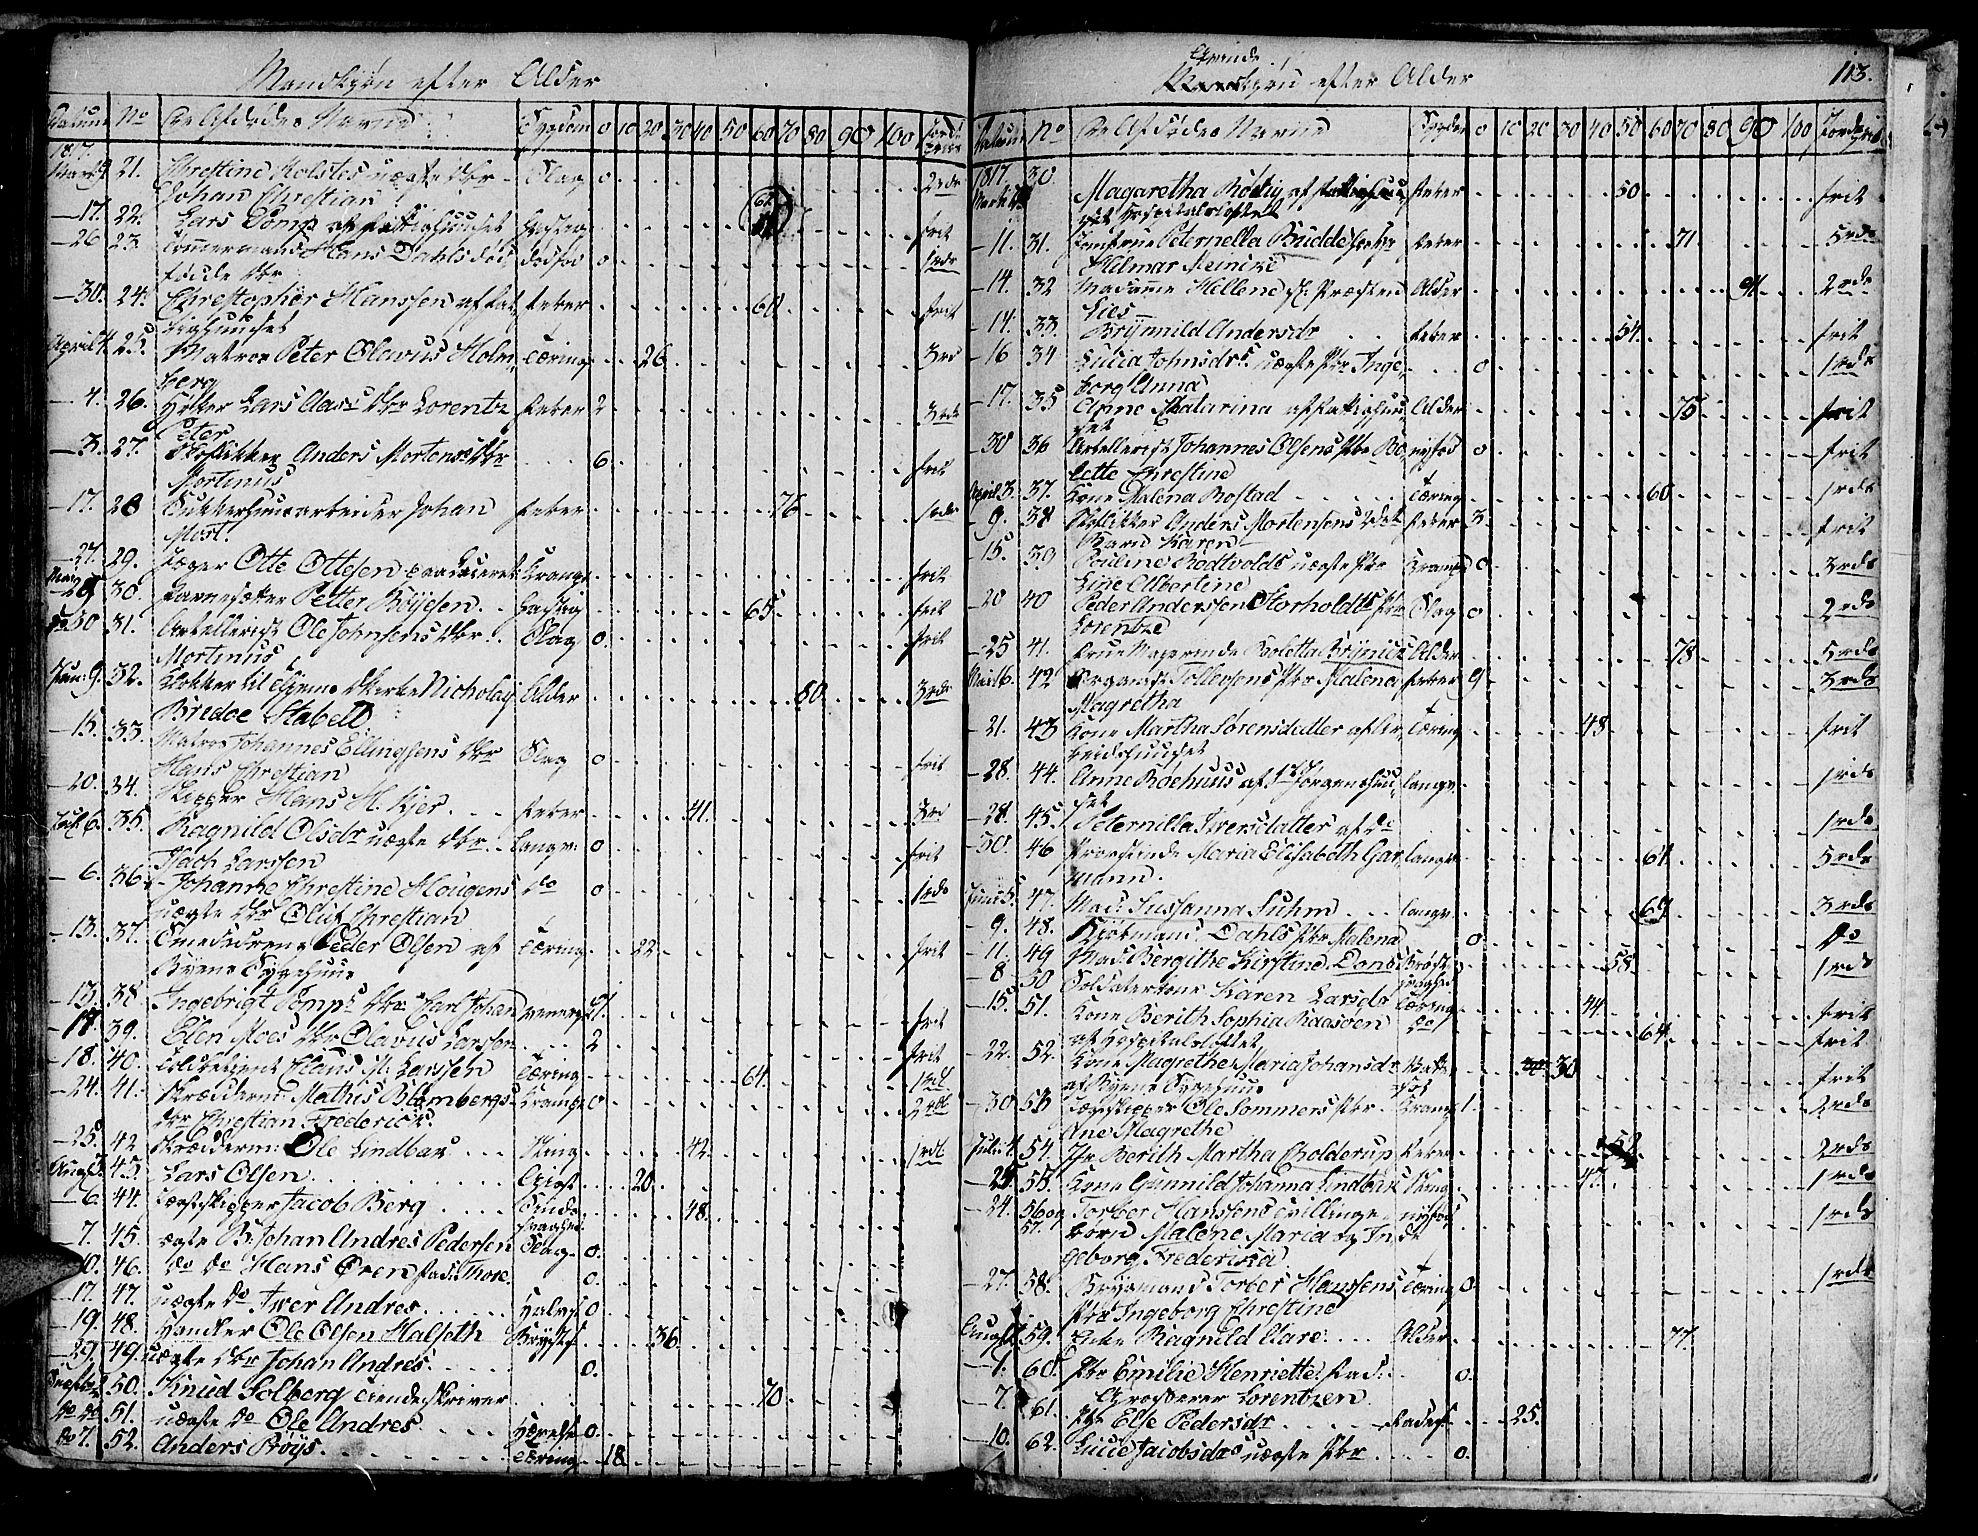 SAT, Ministerialprotokoller, klokkerbøker og fødselsregistre - Sør-Trøndelag, 601/L0040: Ministerialbok nr. 601A08, 1783-1818, s. 113